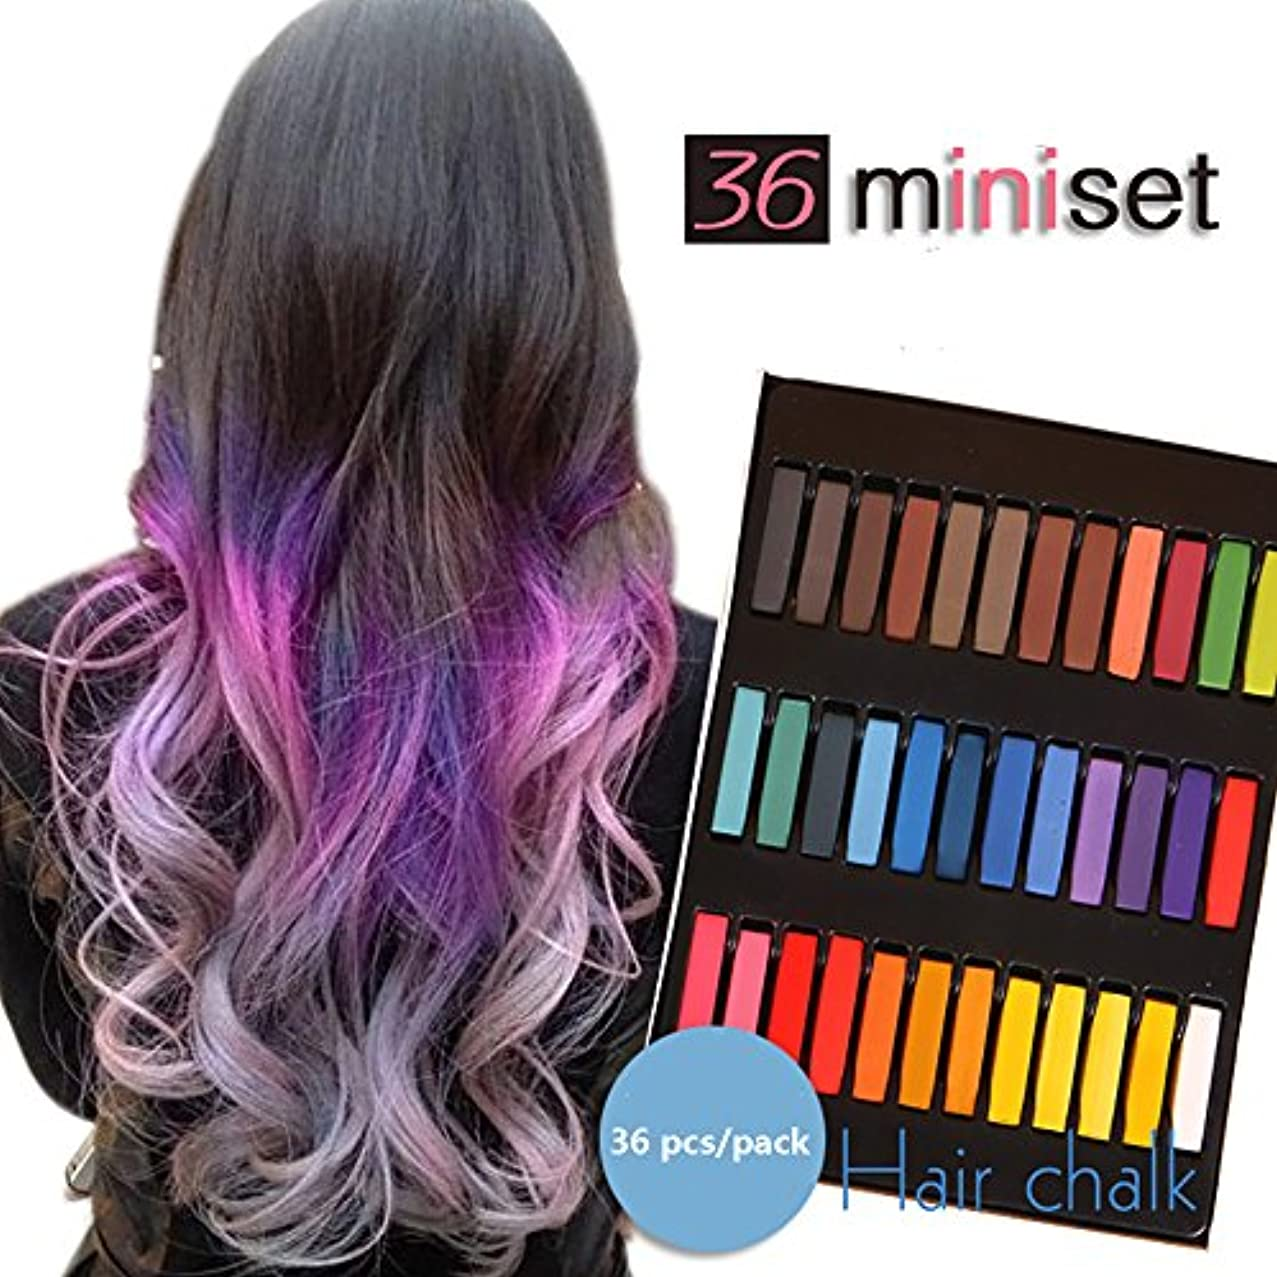 ミルク留め金観客大ブレイク中!HAIR CHALKIN 選べる 6色/12色/24色/36色 髪専用に開発された安心商品! ヘアチョーク ヘアカラーチョーク 一日だけのヘアカラーでイメチェンが楽しめる!美容室のヘアカラーでは表現しづらい...